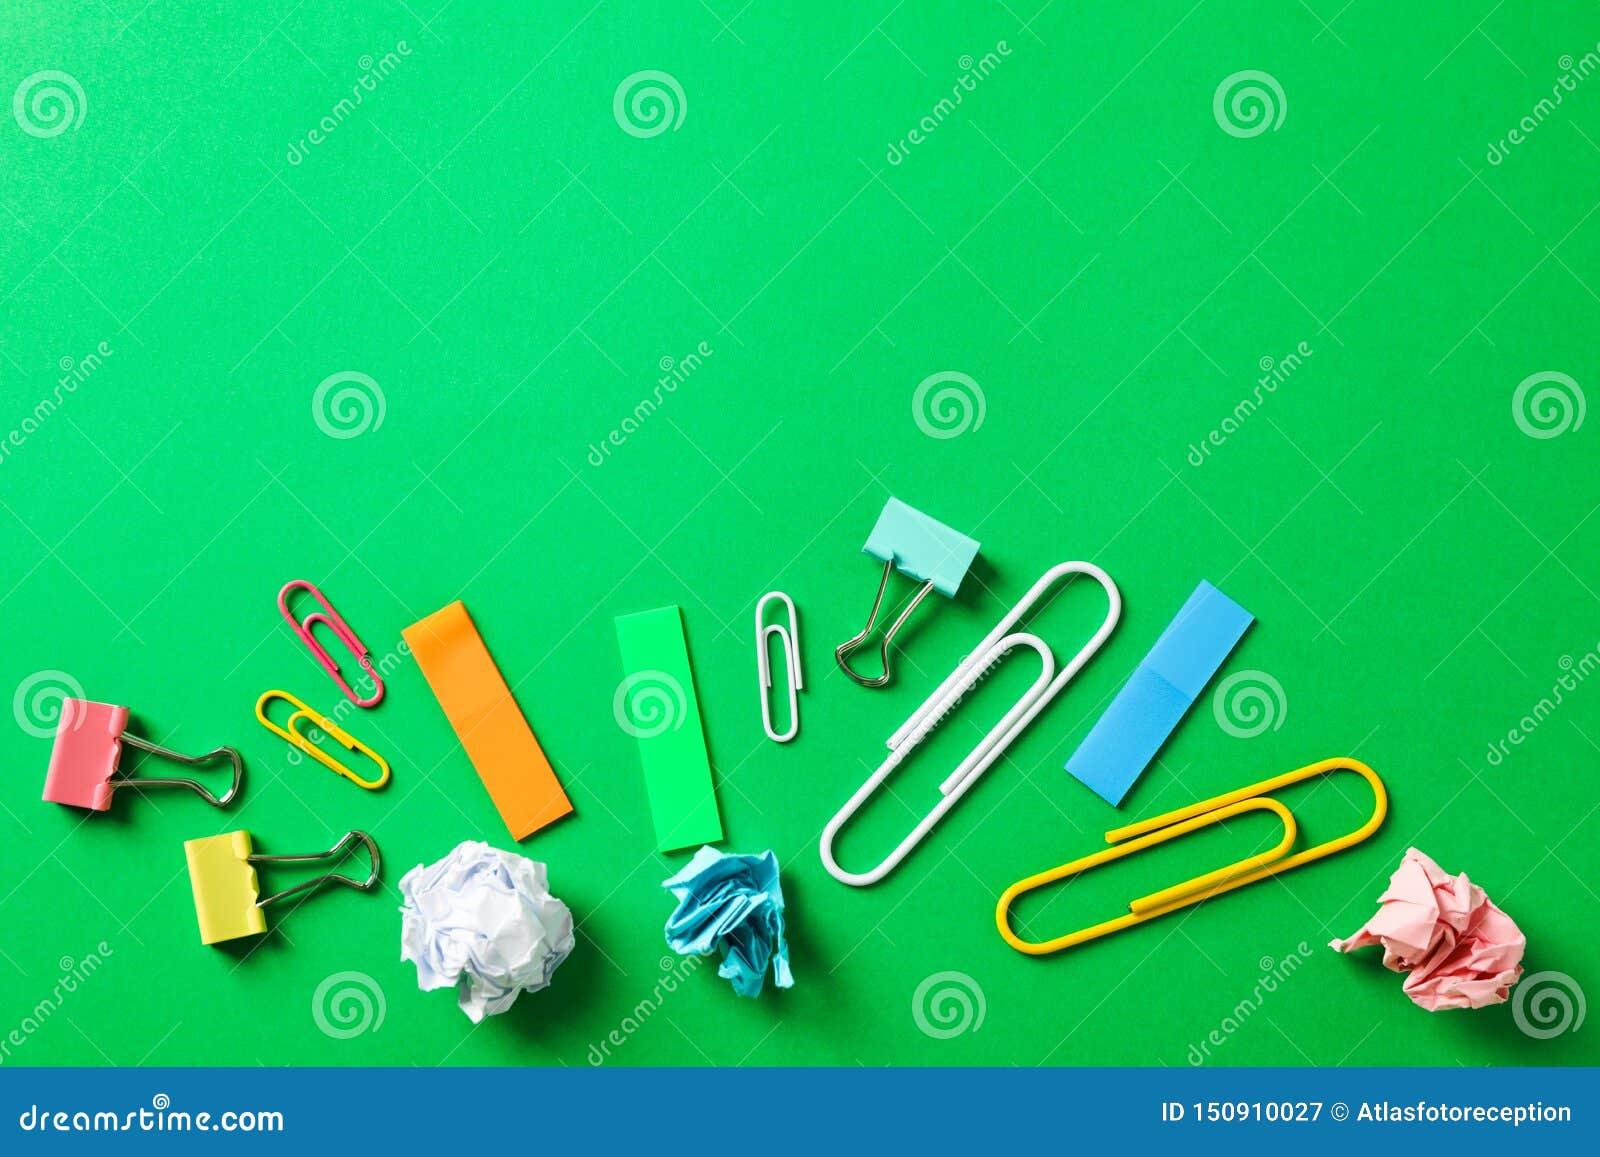 Composición puesta plana con las bolas de papel arrugadas, los clips y las etiquetas engomadas en fondo del color